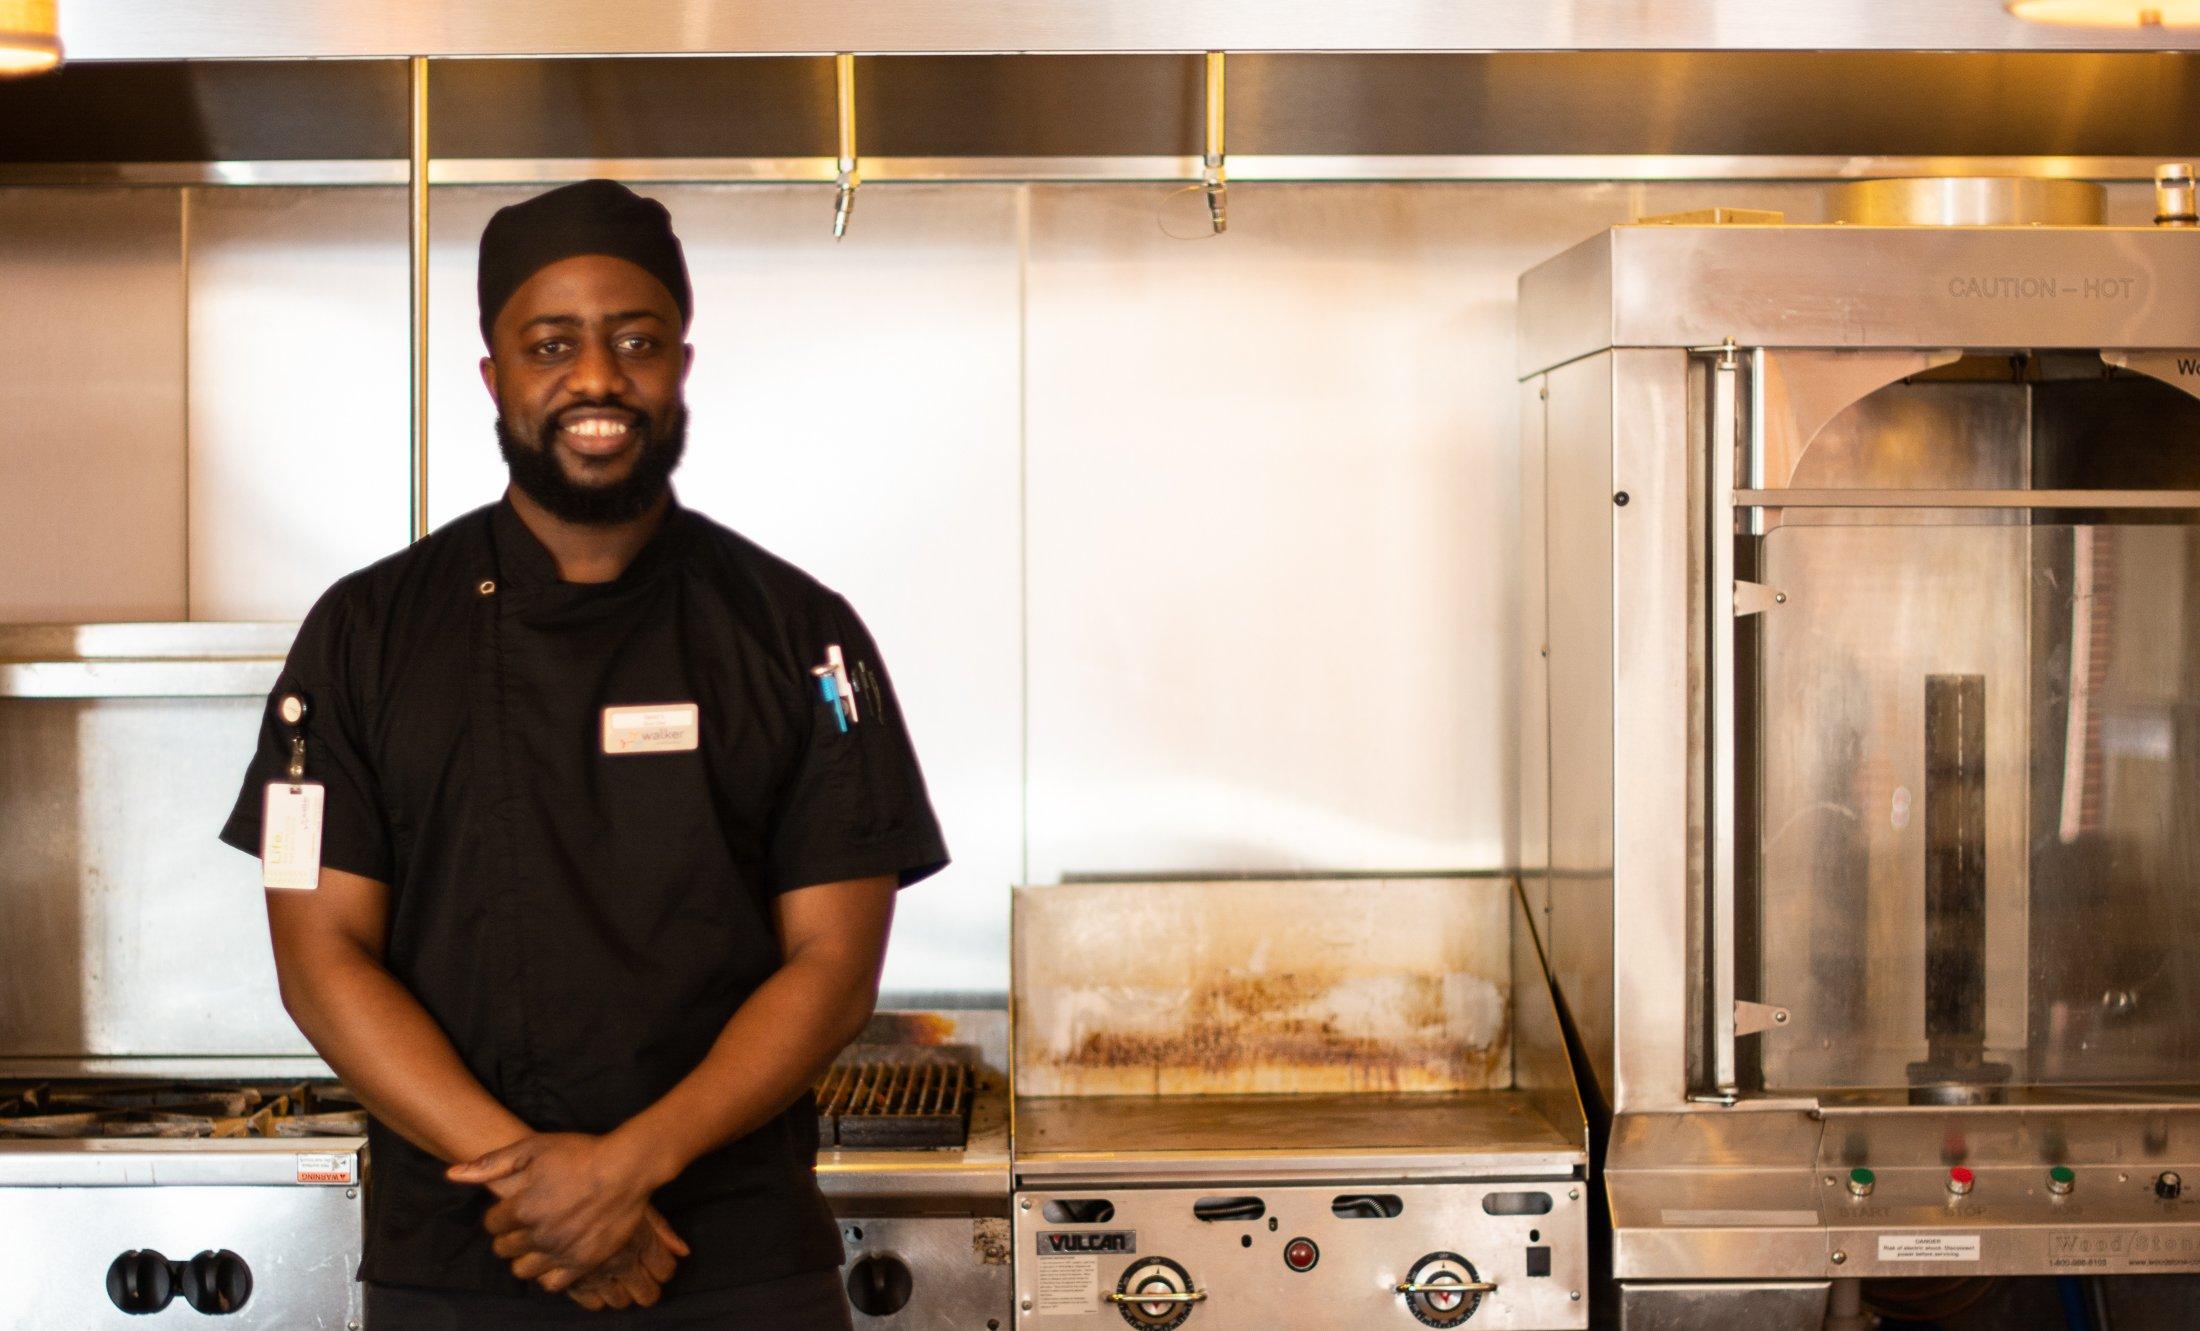 Giving back and growing: Sous chef David Saidu